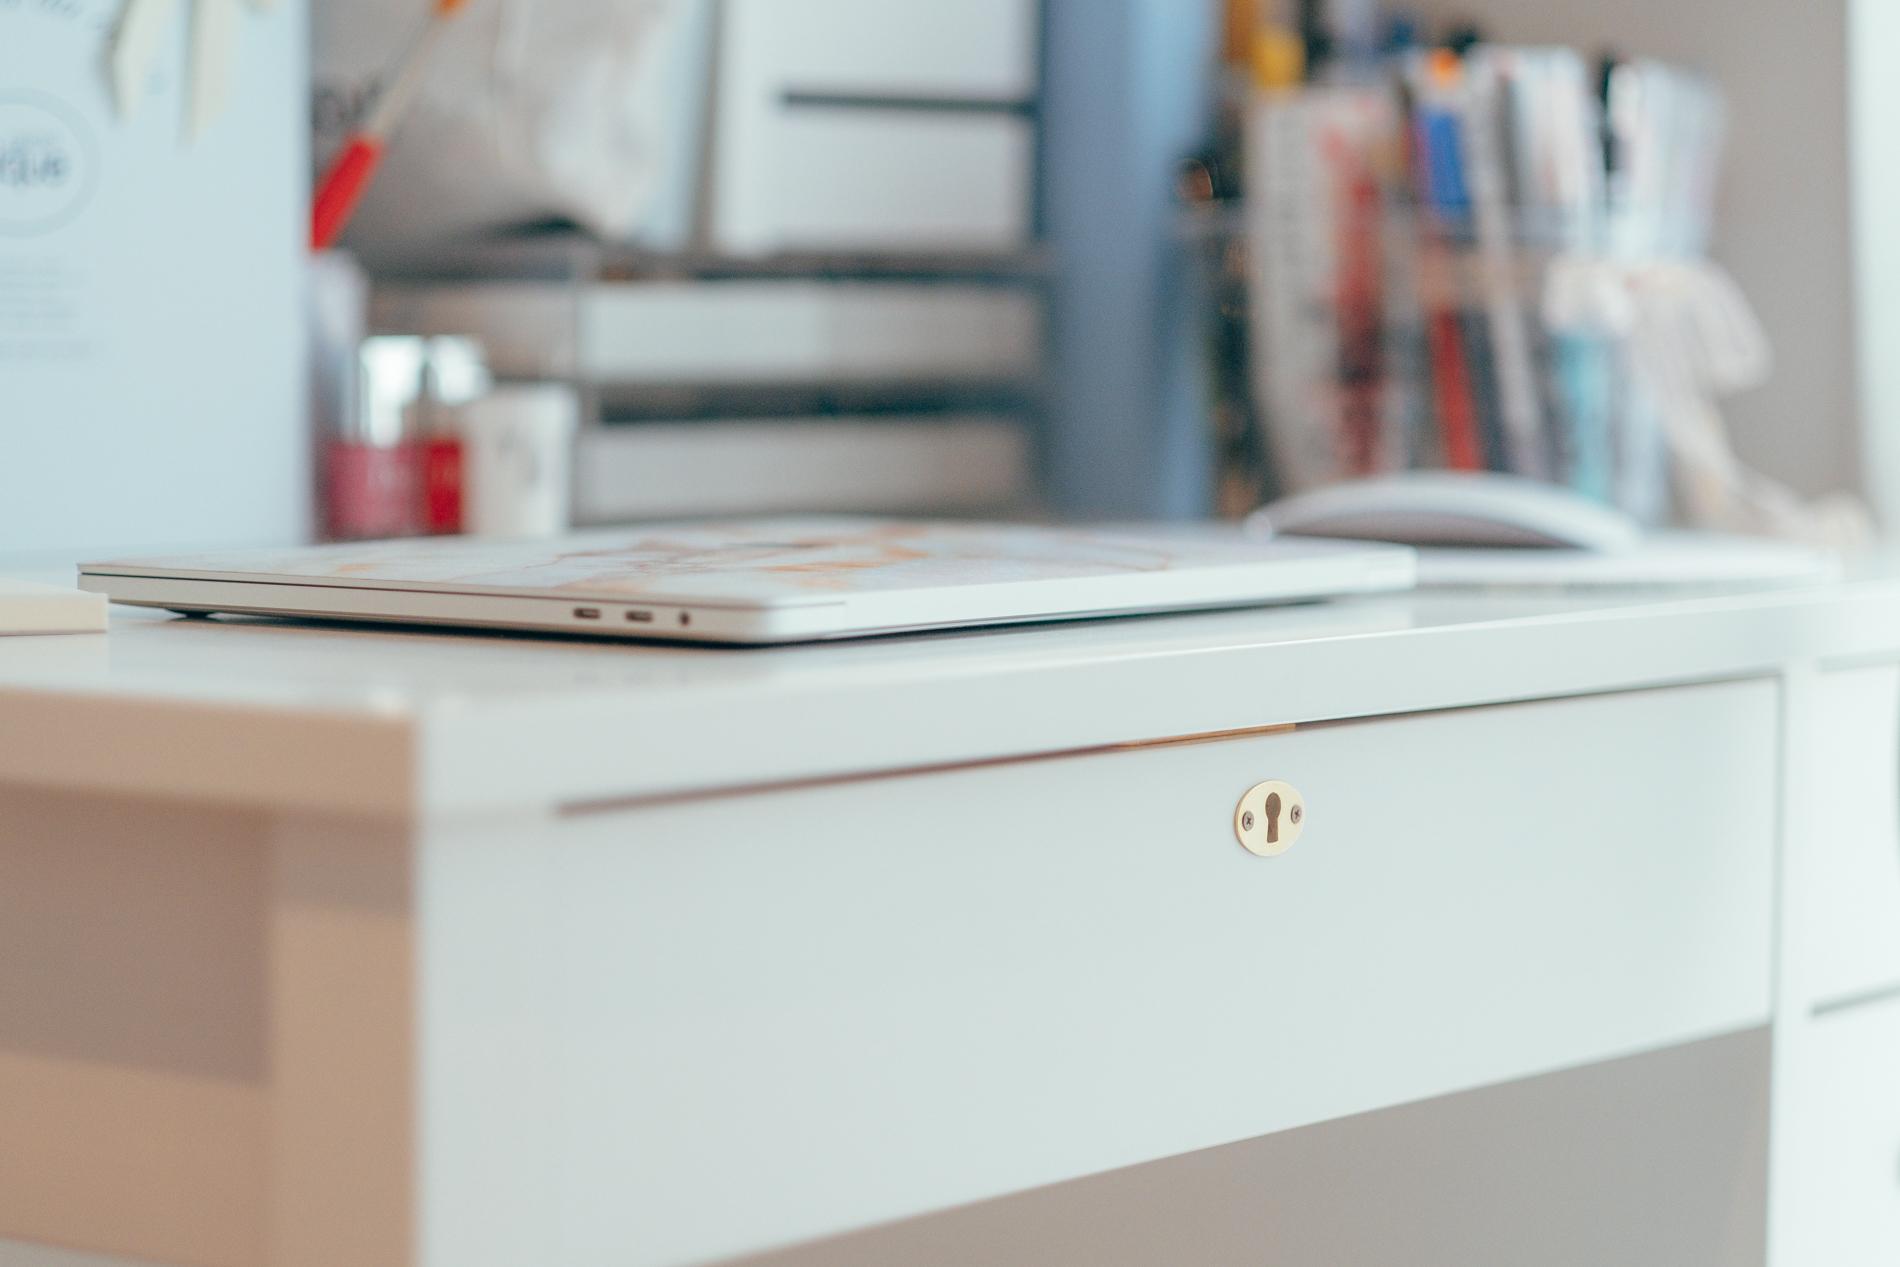 「取手などを自分で決められるmomo naturalの机が欲しくて購入する前提で、机が似合うお部屋を探しました。鍵穴も可愛くて気に入っています。」